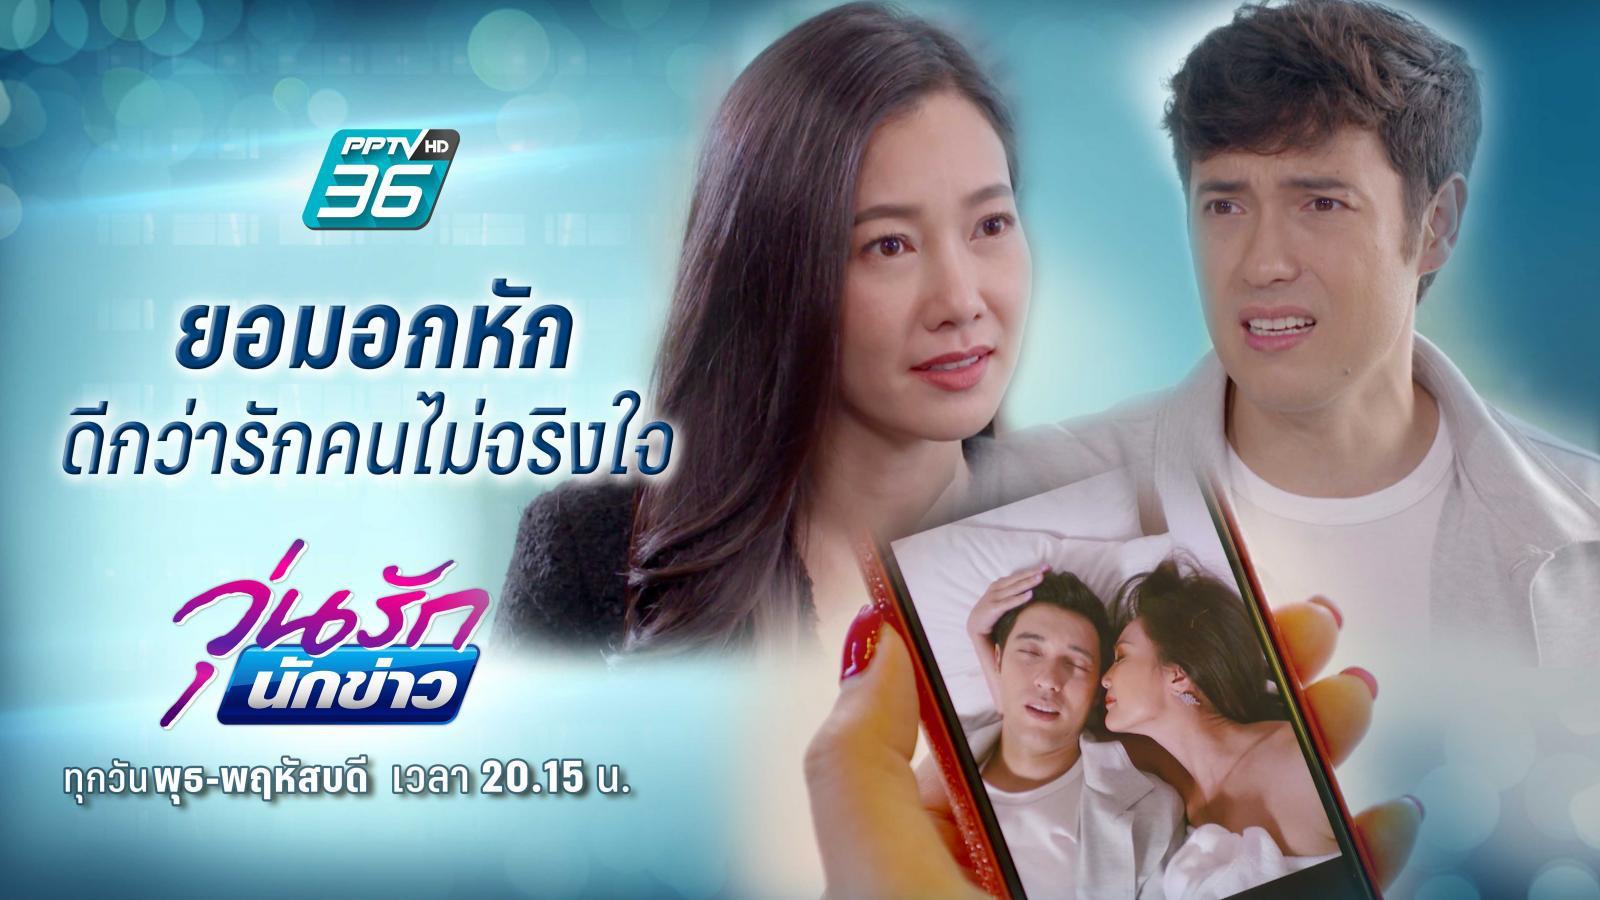 วุ่นรักนักข่าว EP.22 | ฟินสุด | ยอมอกหัก ดีกว่ารักคนไม่จริงใจ | PPTV HD 36